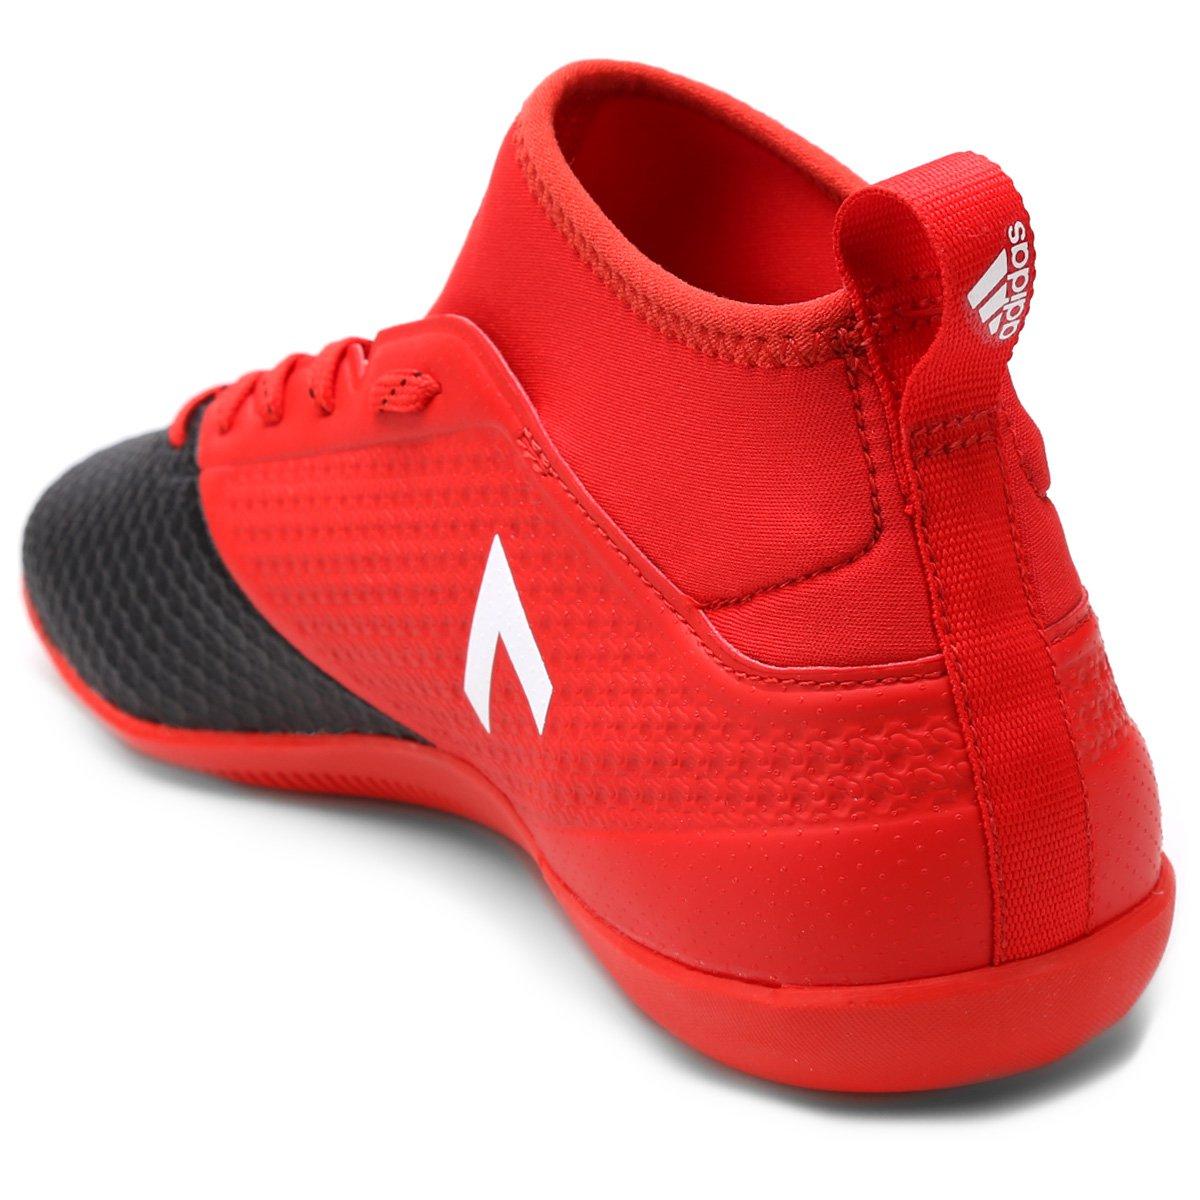 Chuteira Futsal Adidas Ace 17.3 IN - Vermelho e Preto - Compre Agora ... 2d96854cd733f